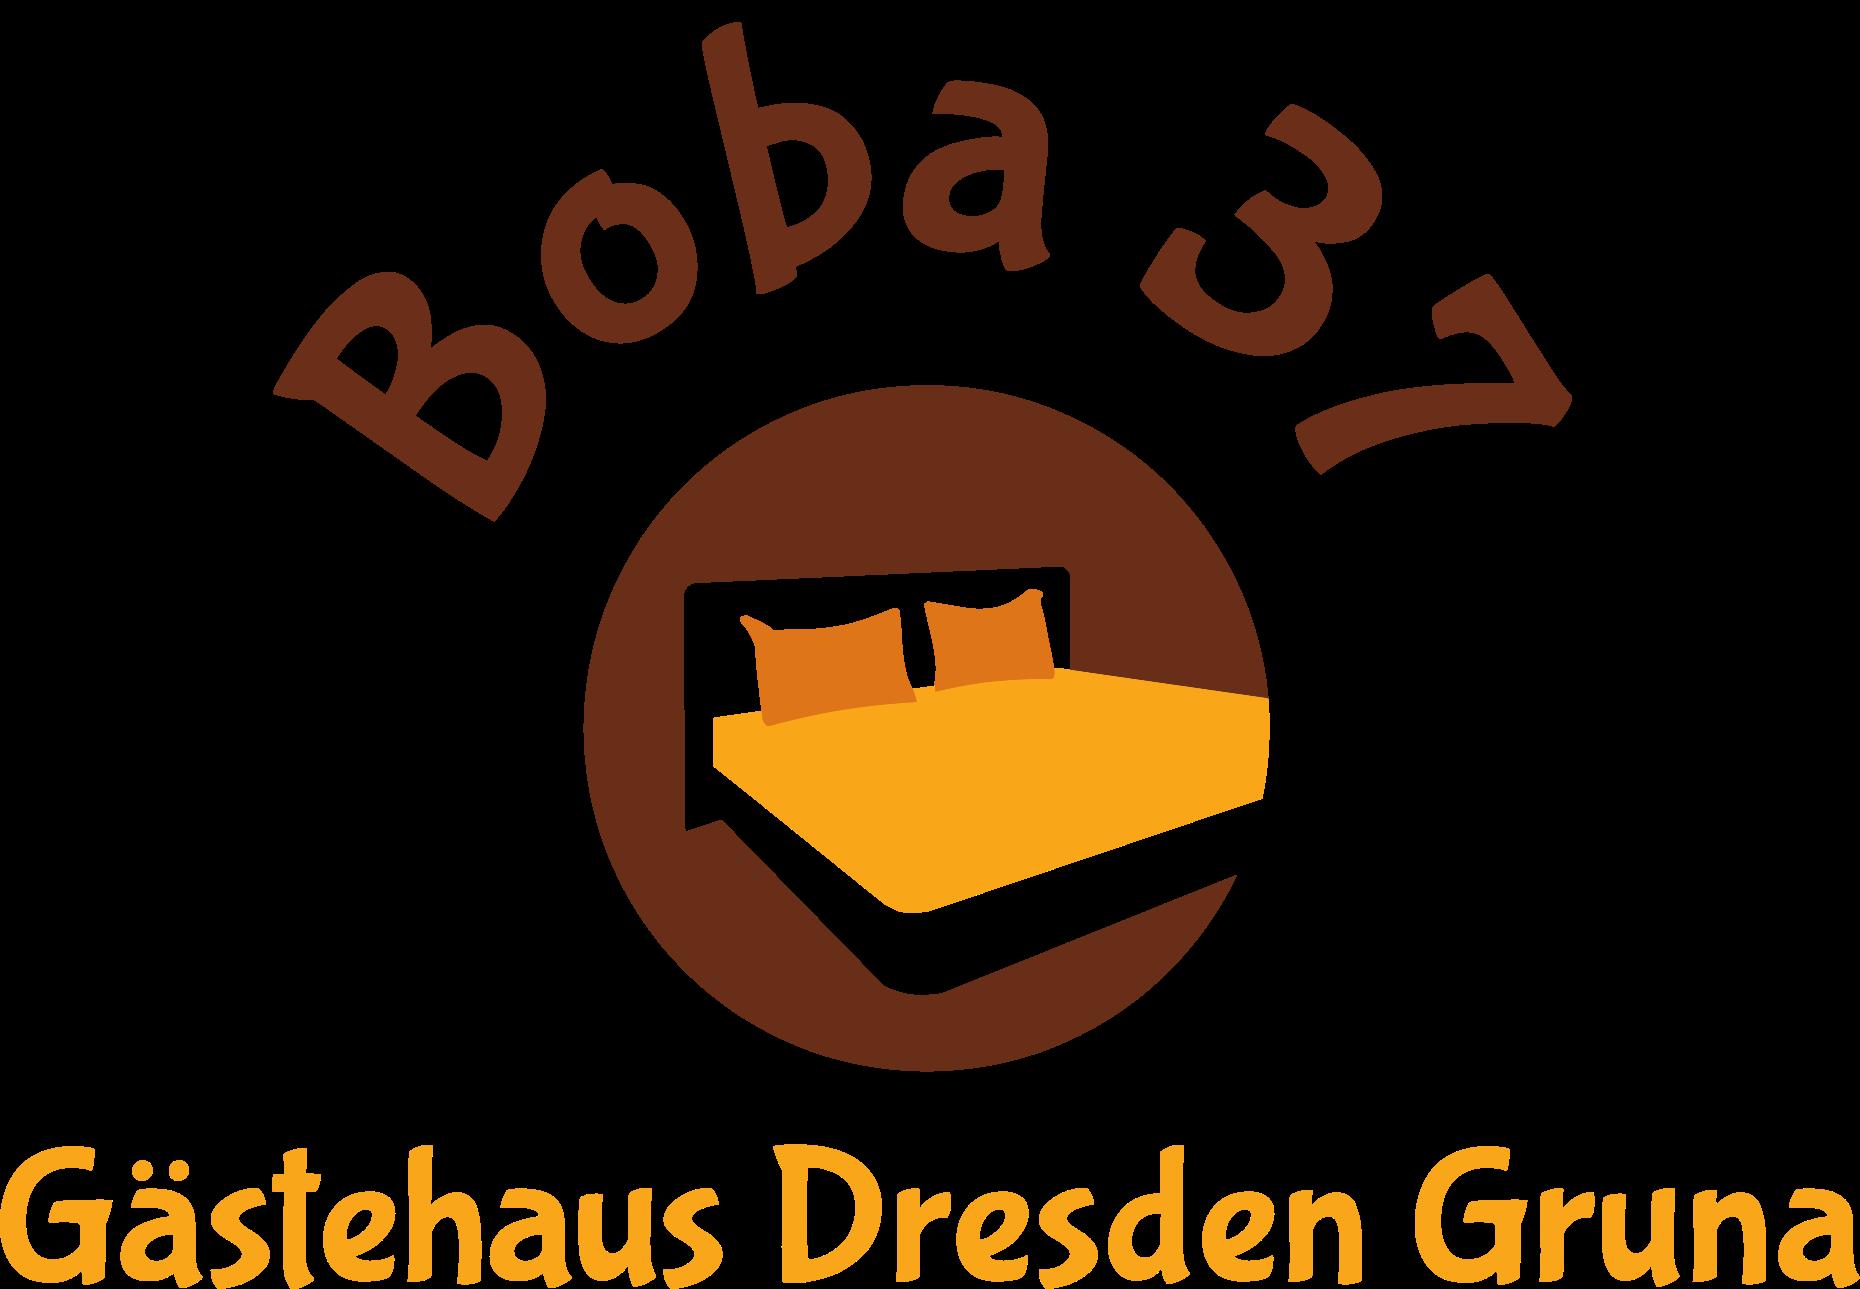 Ferienwohnung in Dresden - Boba37